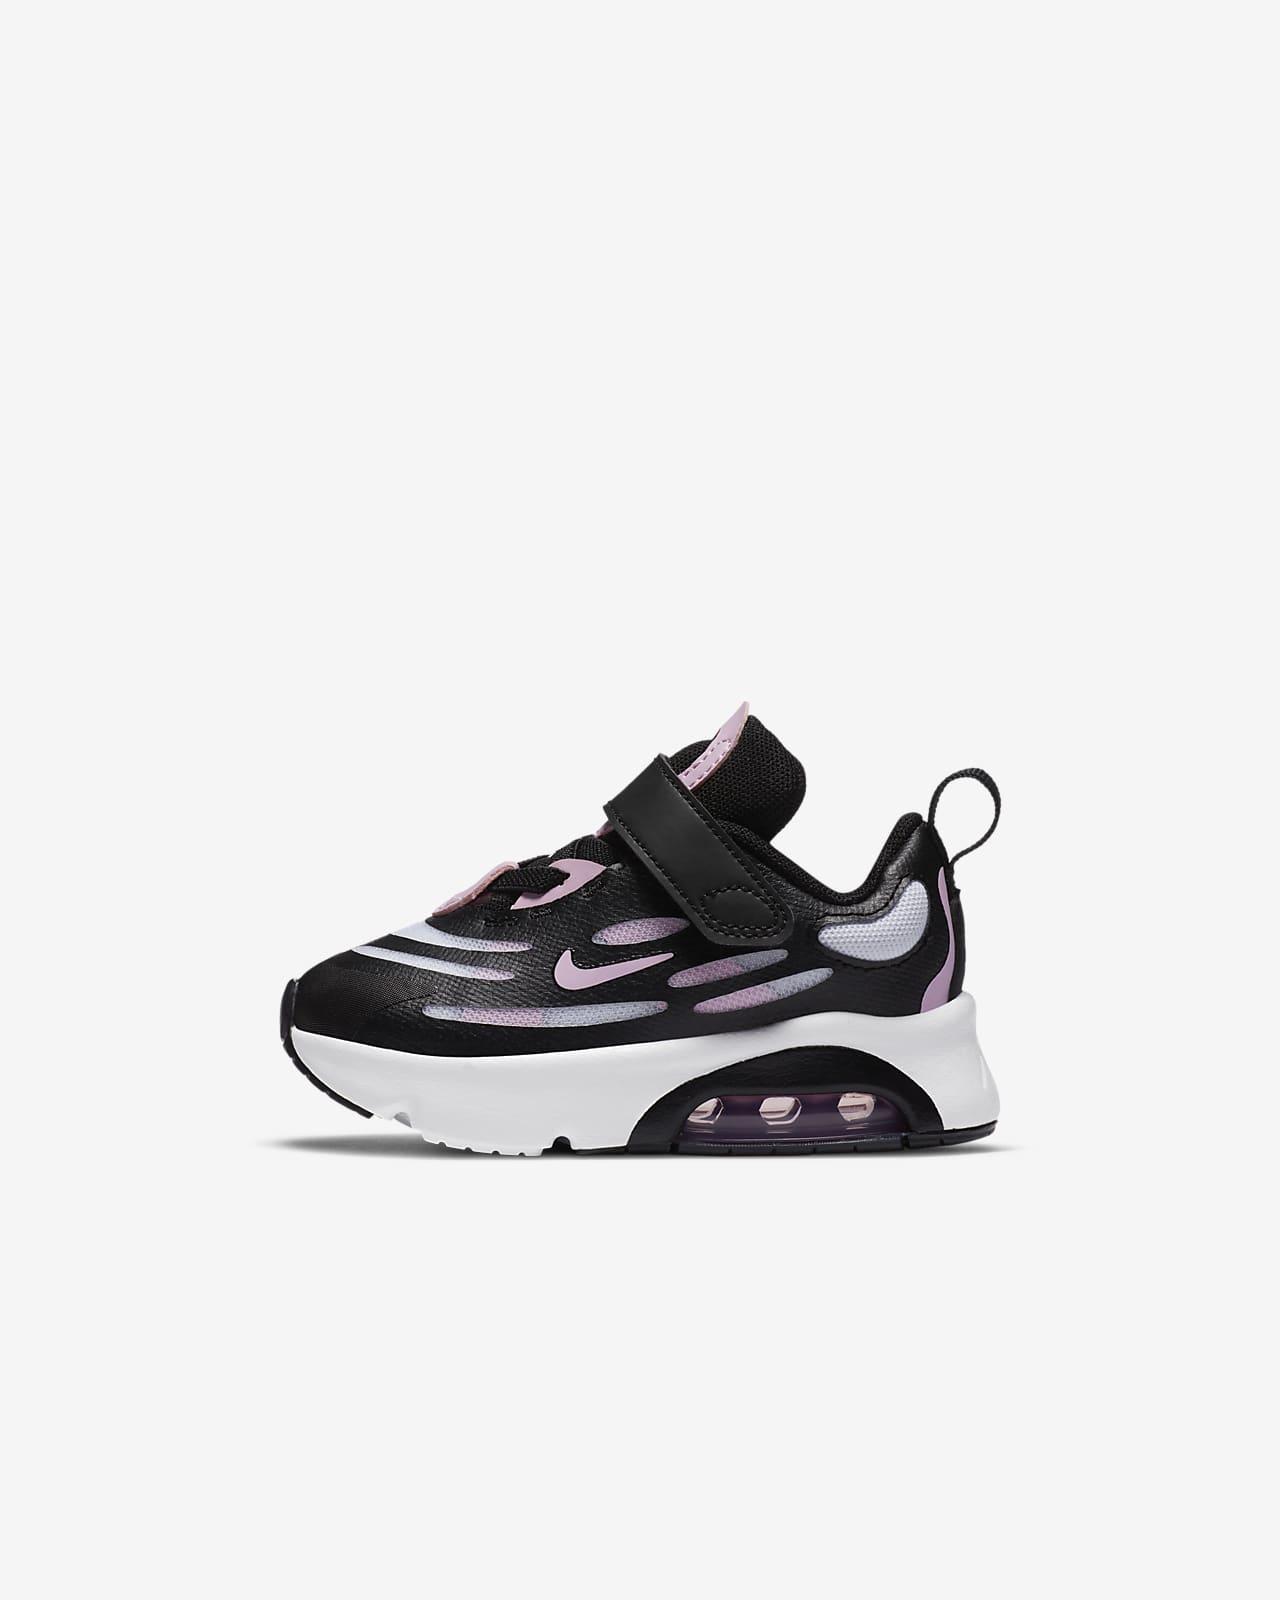 Παπούτσι Nike Air Max Exosense για βρέφη και νήπια